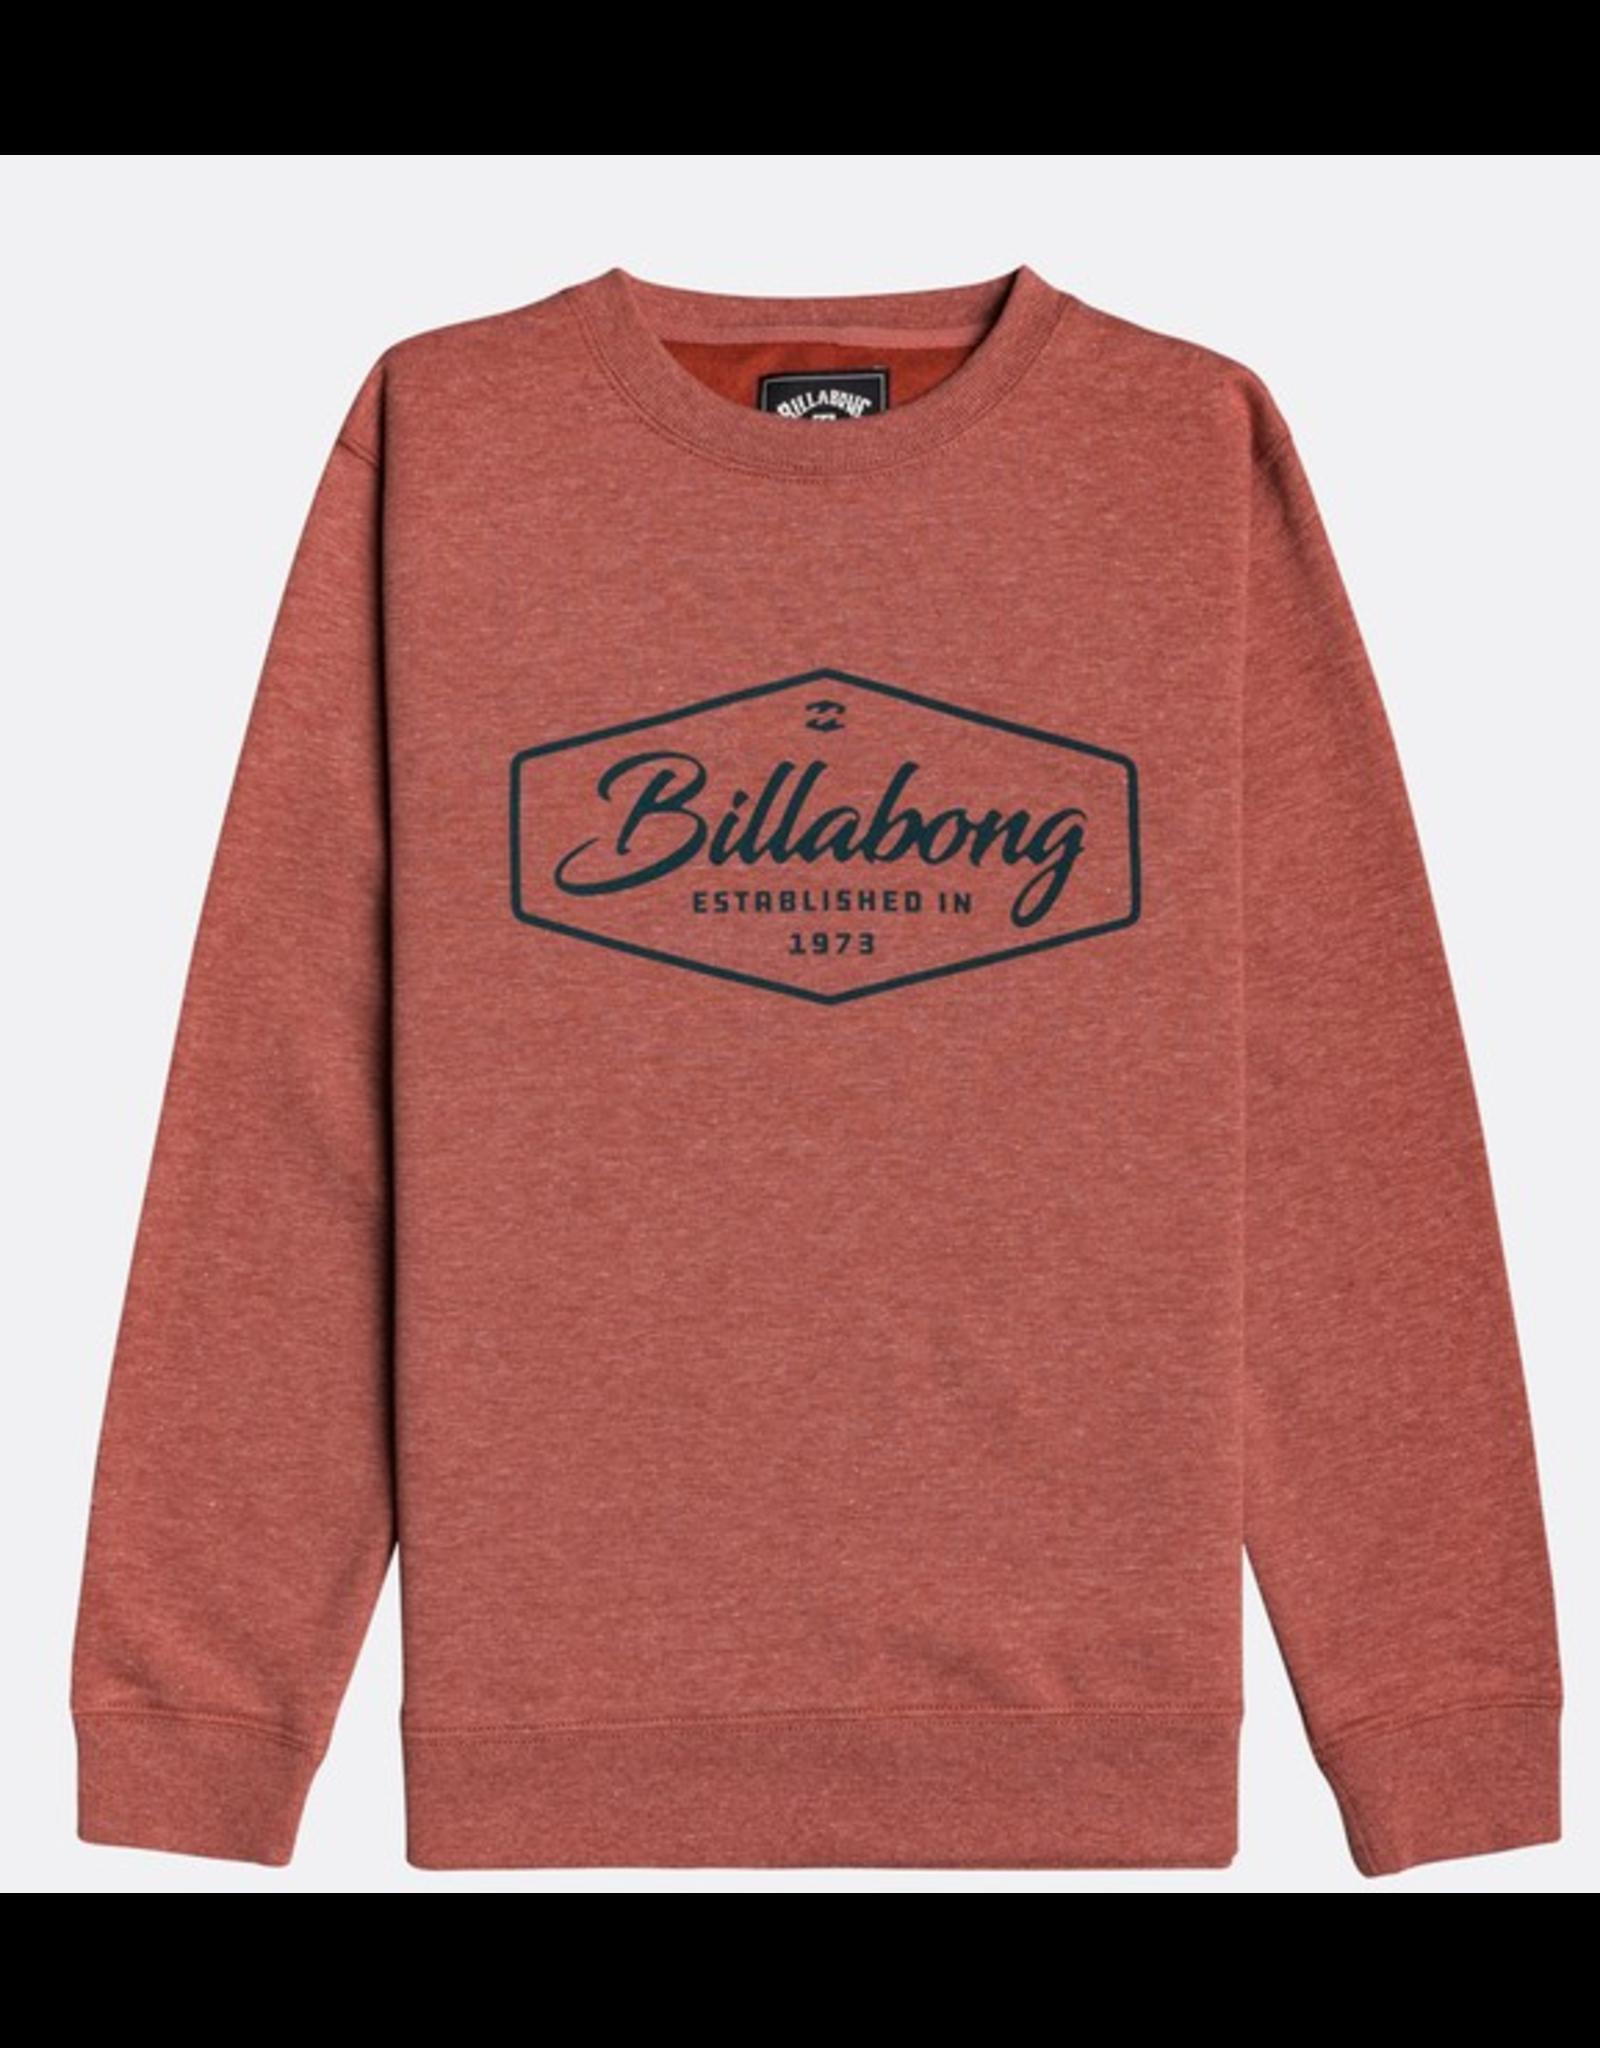 Billabong Billabong Trademark Red